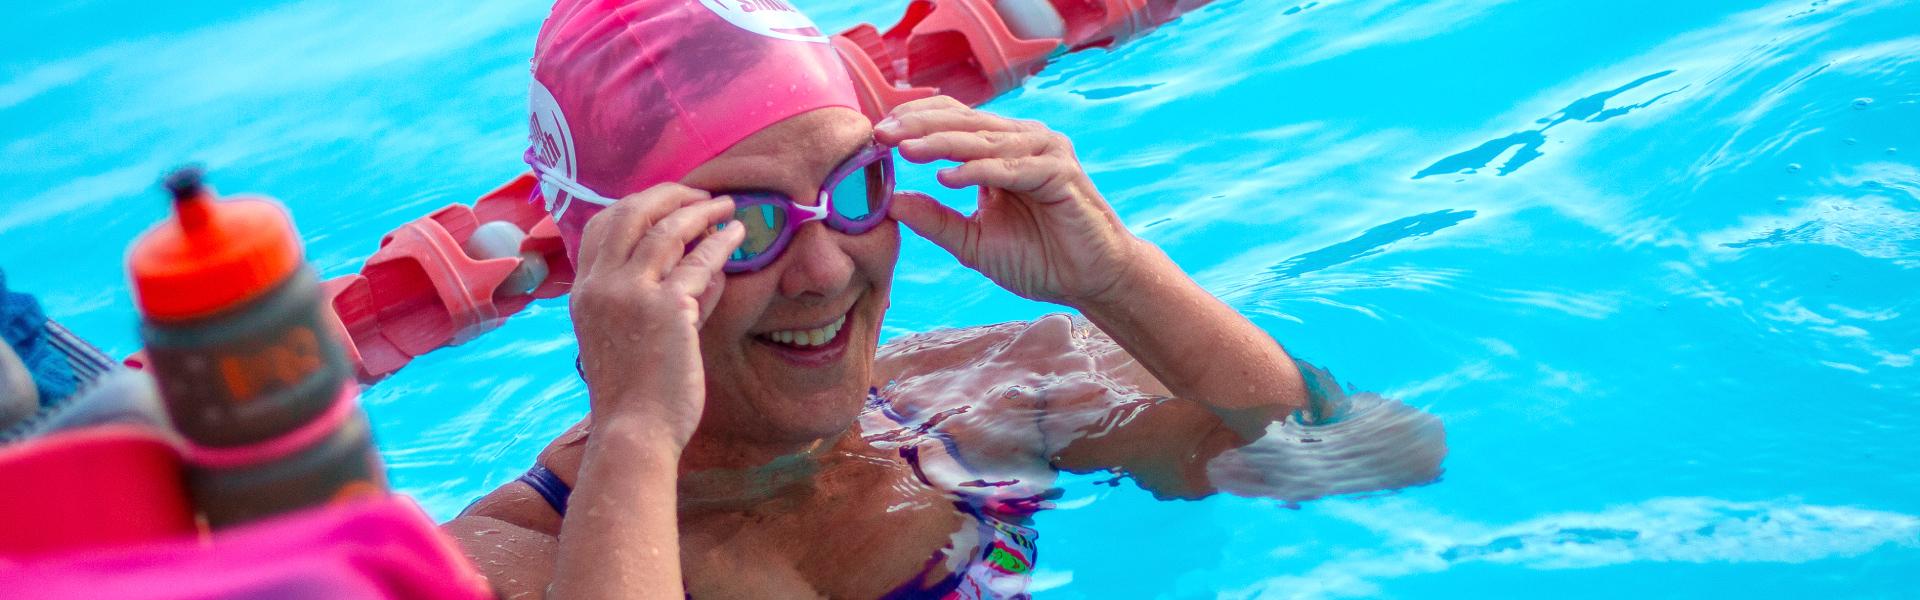 Learn to swim like a superhero